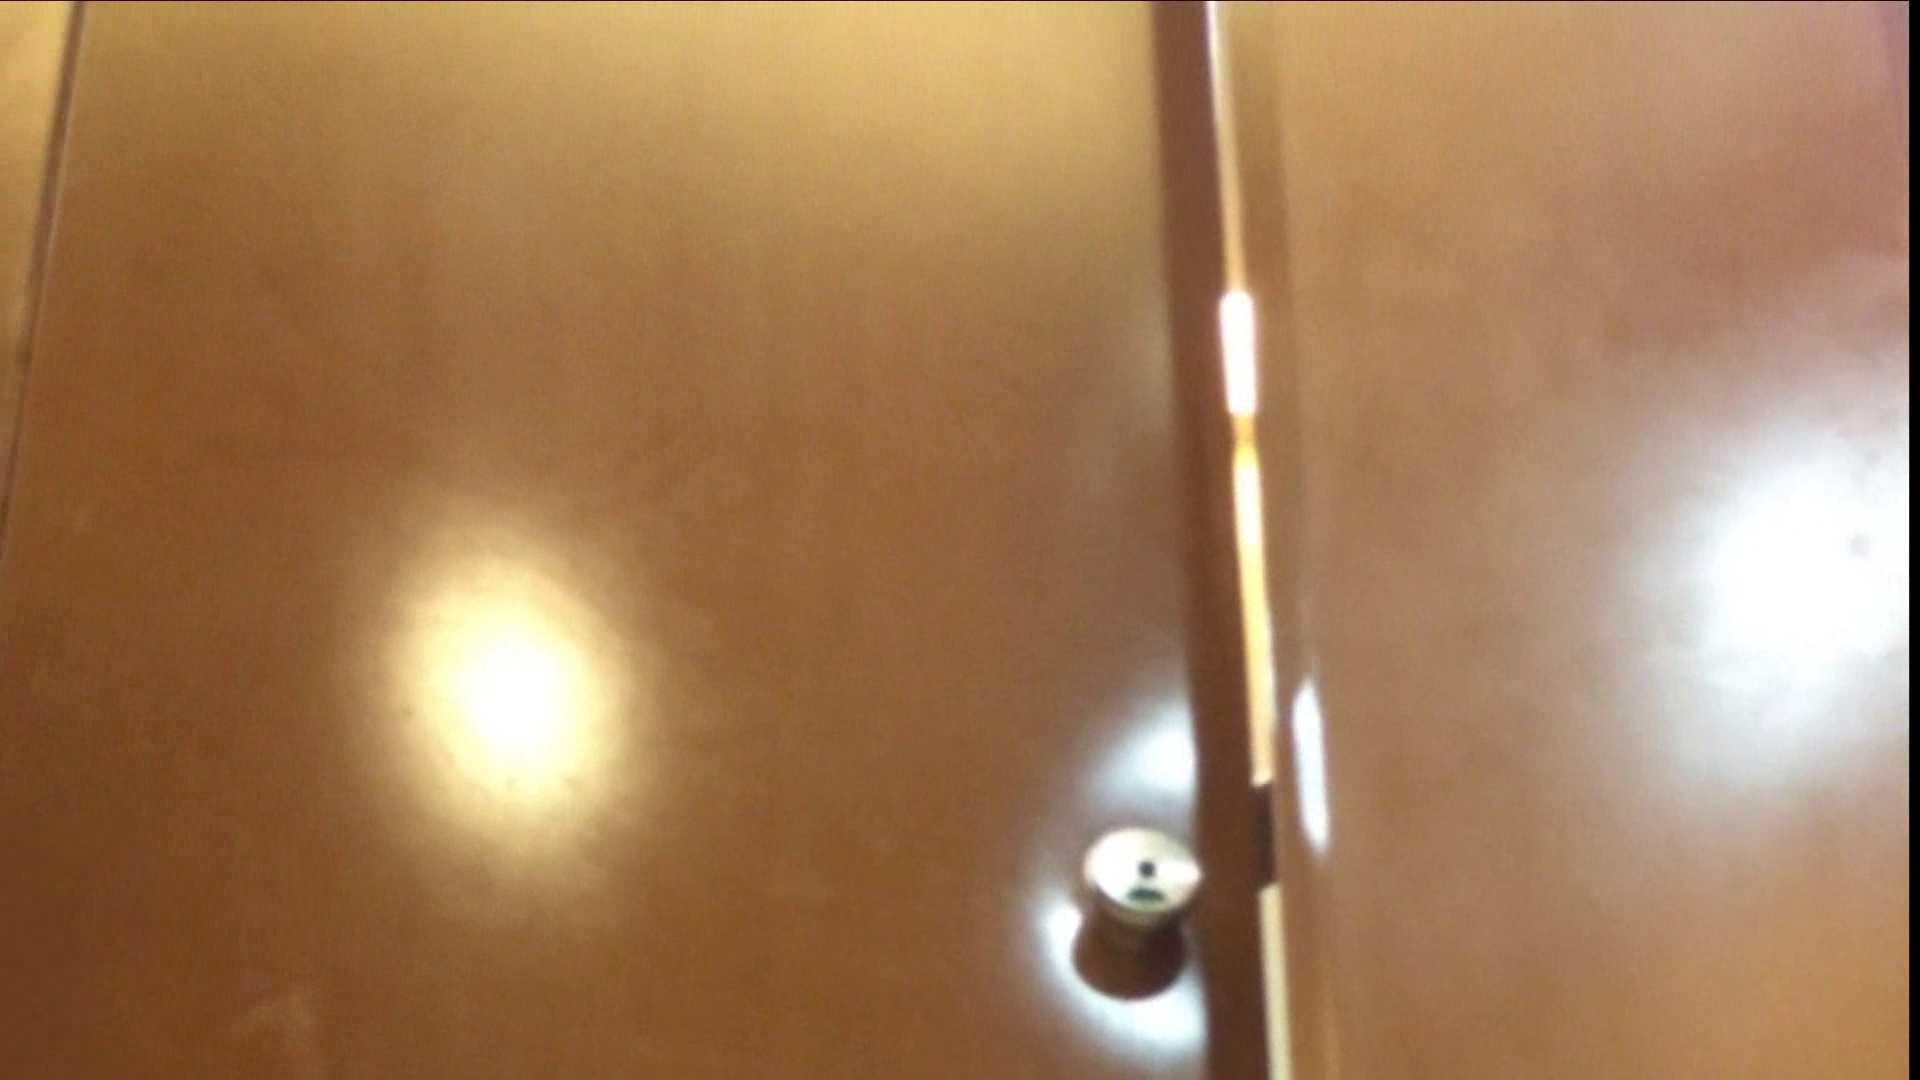 隣国化粧室下から御免!! No.16 美女 | 洗面所  77画像 13